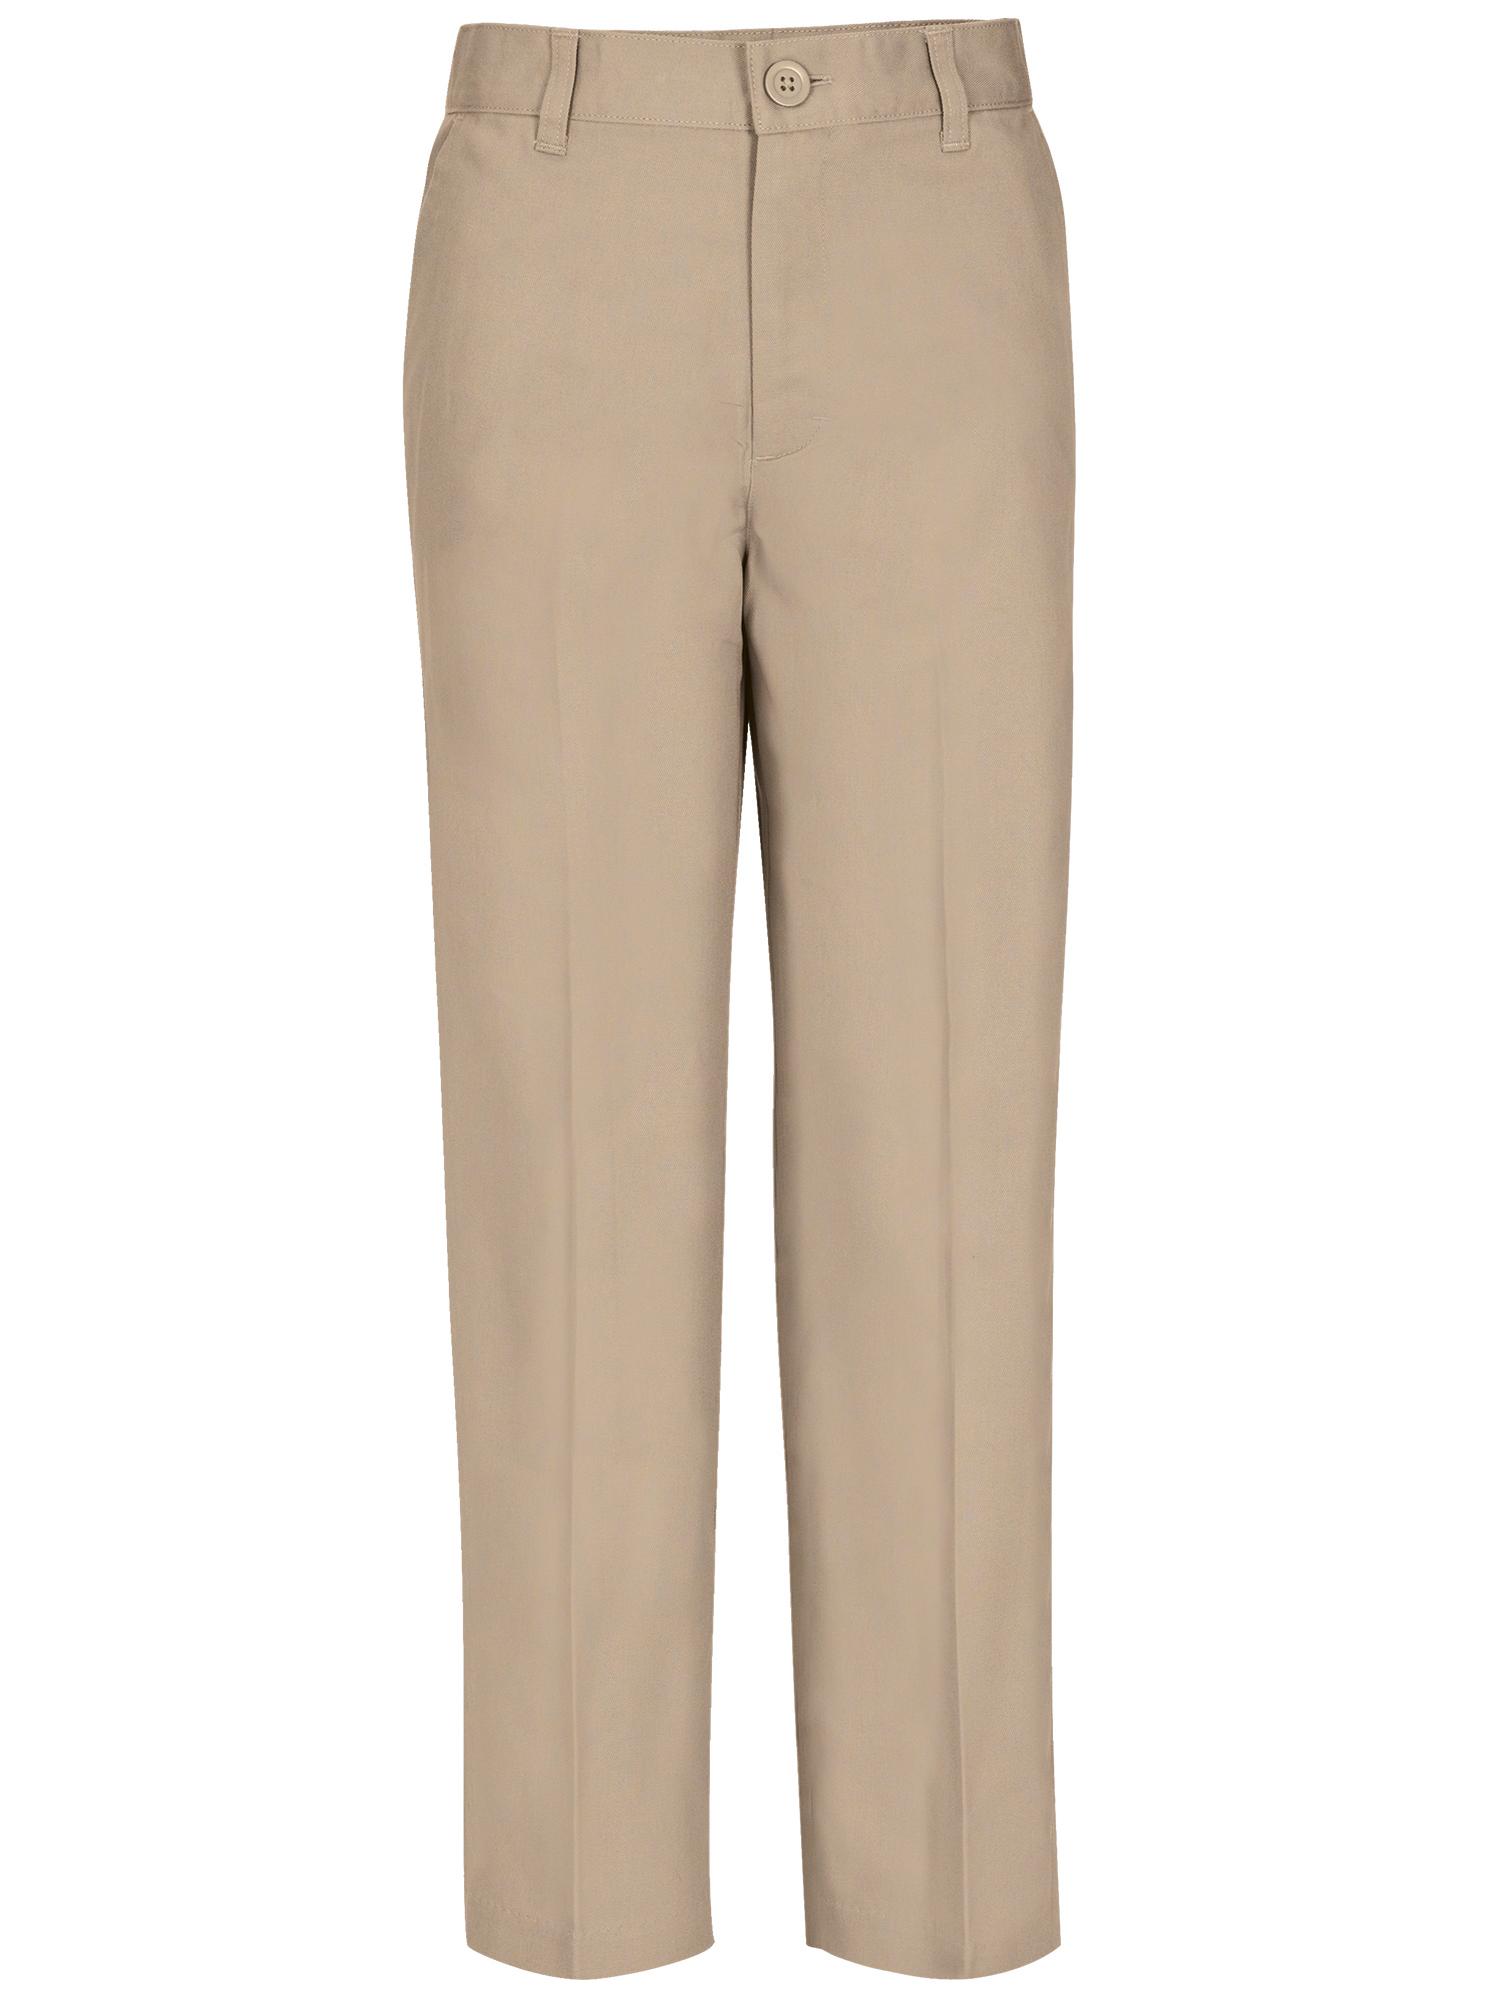 Boys Husky Size Flat Front Pants School Uniform Approved